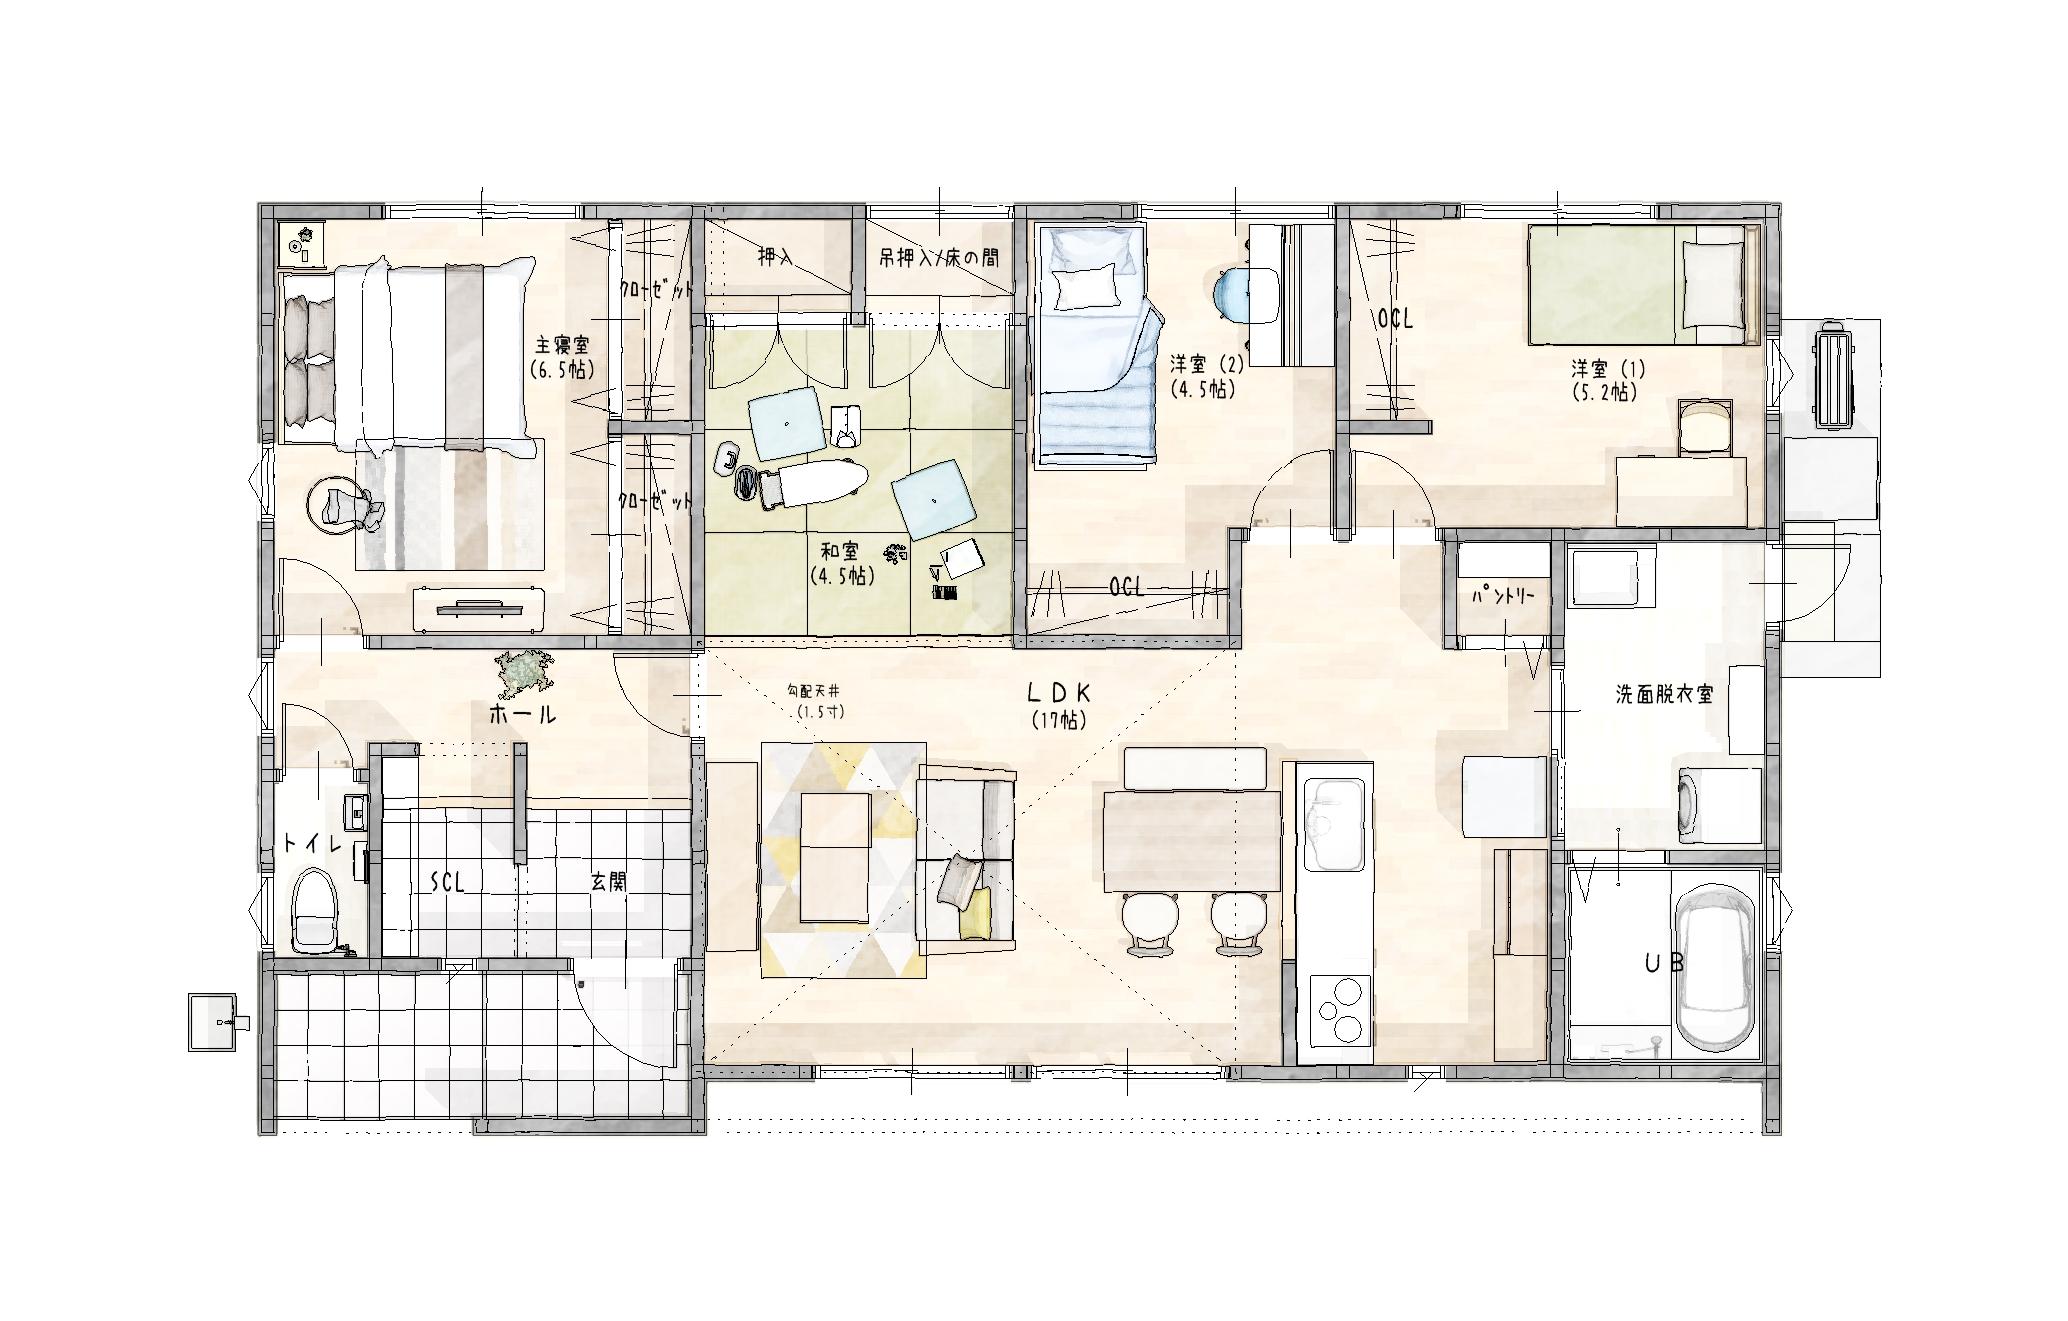 嬉野市新築建売住宅「OURS下宿」4号地平面図